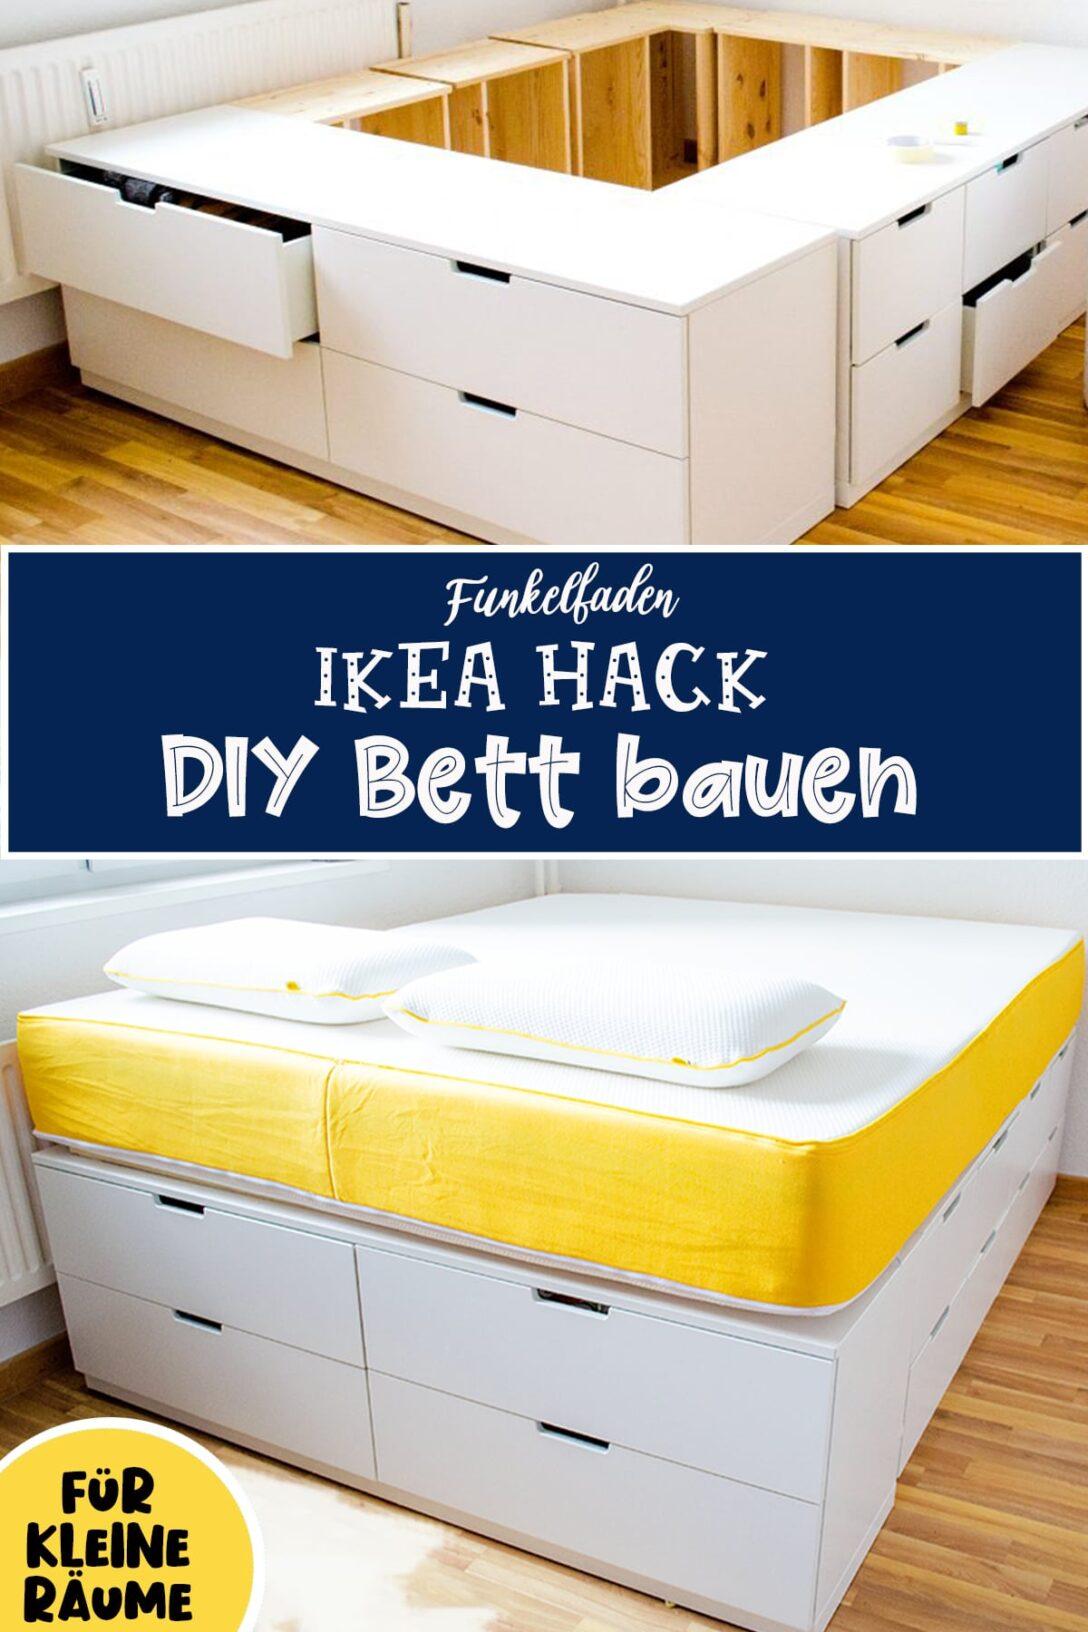 Large Size of Stauraum Bett 120x200 Ikea Diy Hack Selber Bauen Aus 5 Nordli Plattformbett Innocent Betten Wohnwert 180x200 Bettkasten 140x200 Mit Hülsta 160x200 Xxl Wohnzimmer Stauraum Bett 120x200 Ikea